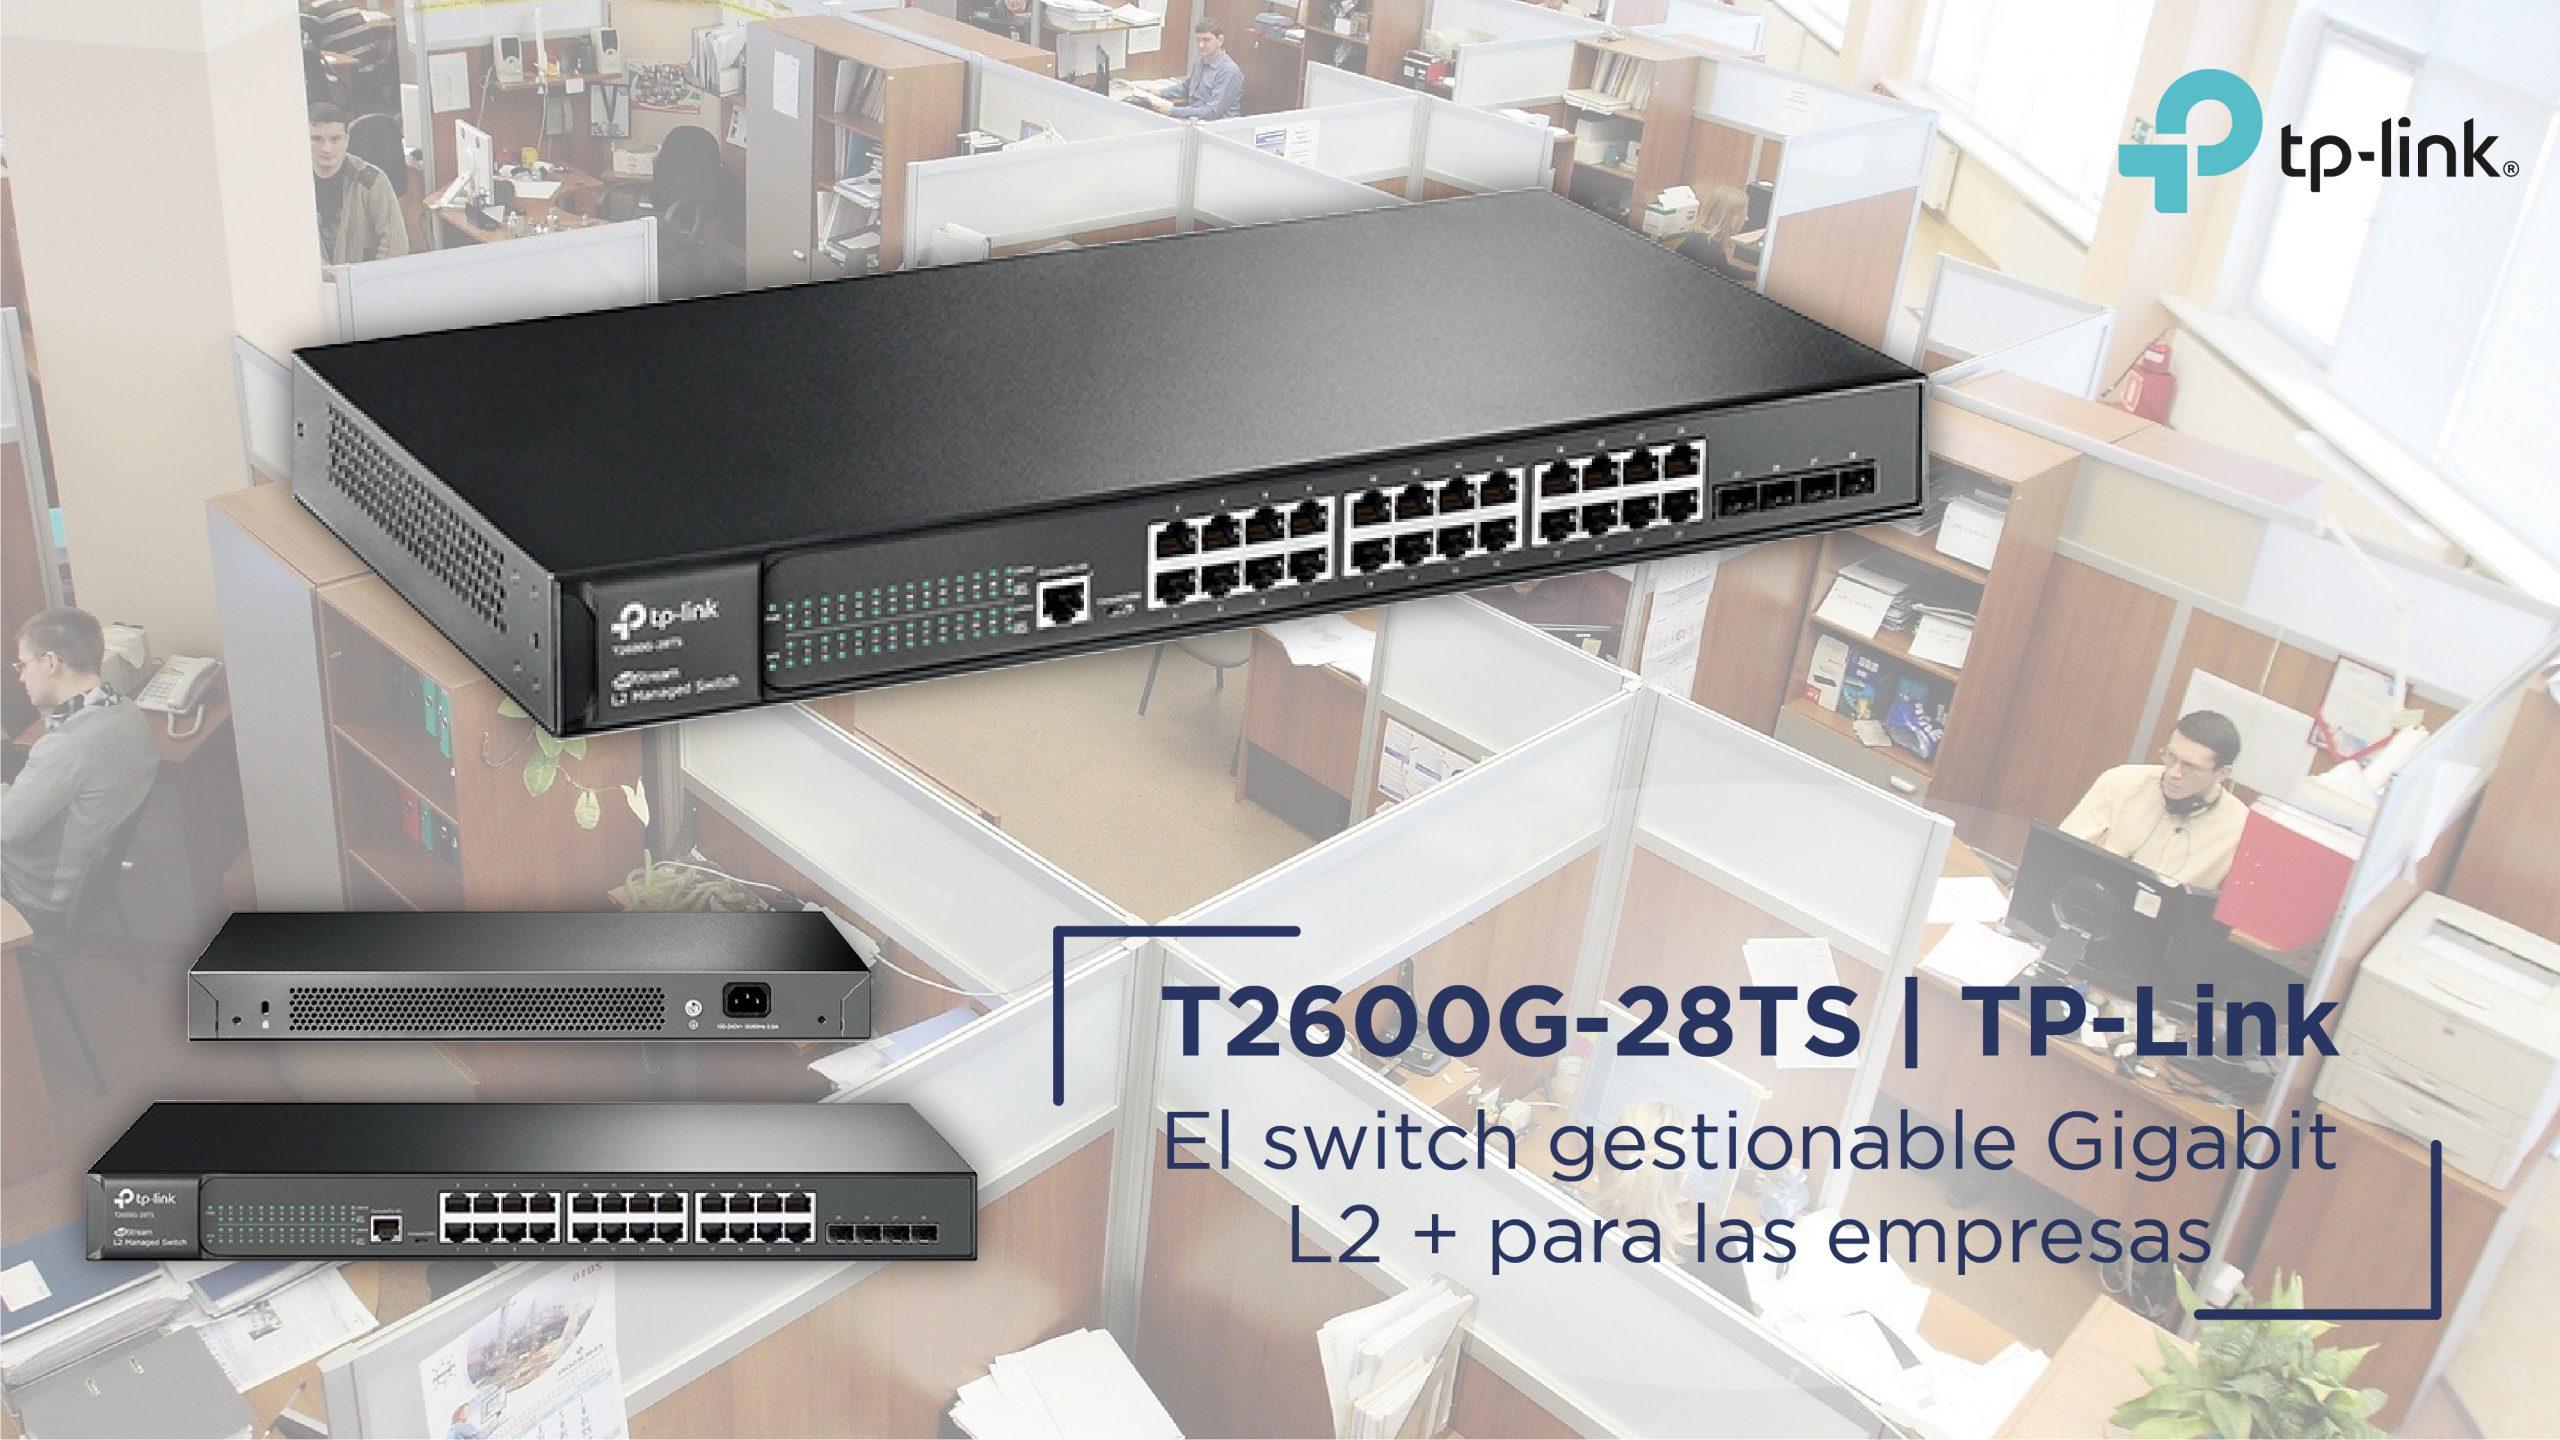 Unboxing y Review: T2600G-28TS de TP-Link, el switch gestionable Gigabit L2+ ideado para las empresas